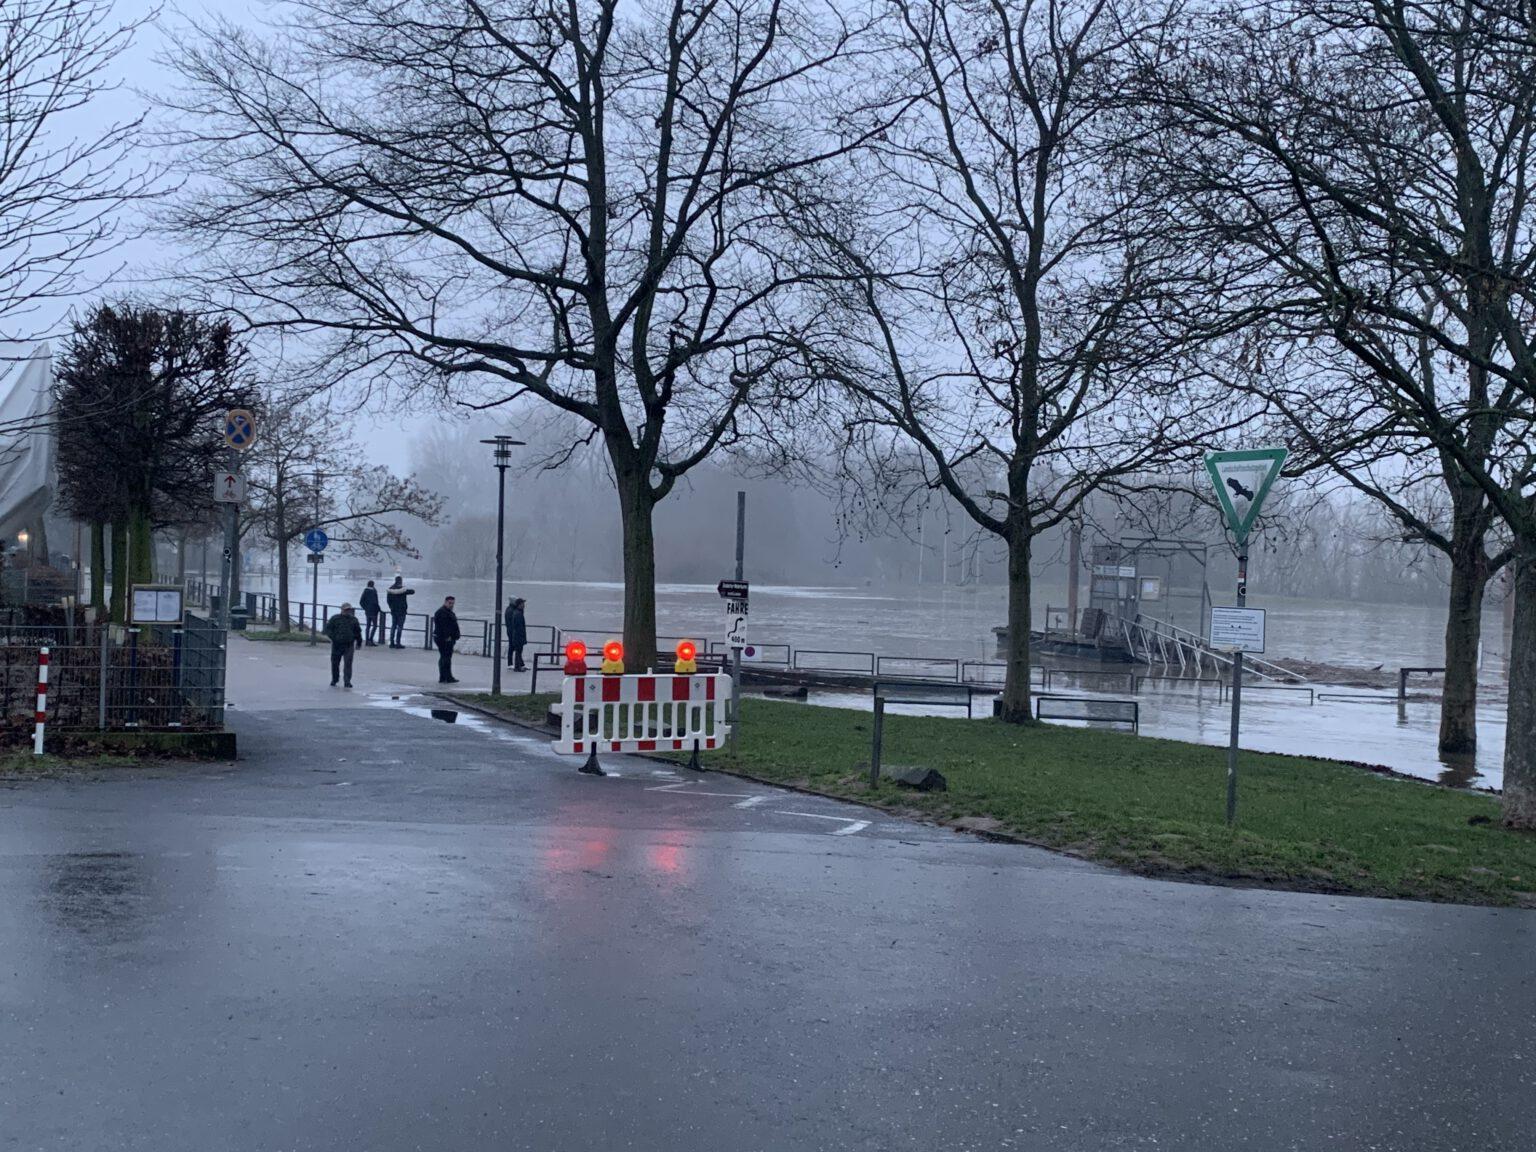 Hoichwasser am Rhein